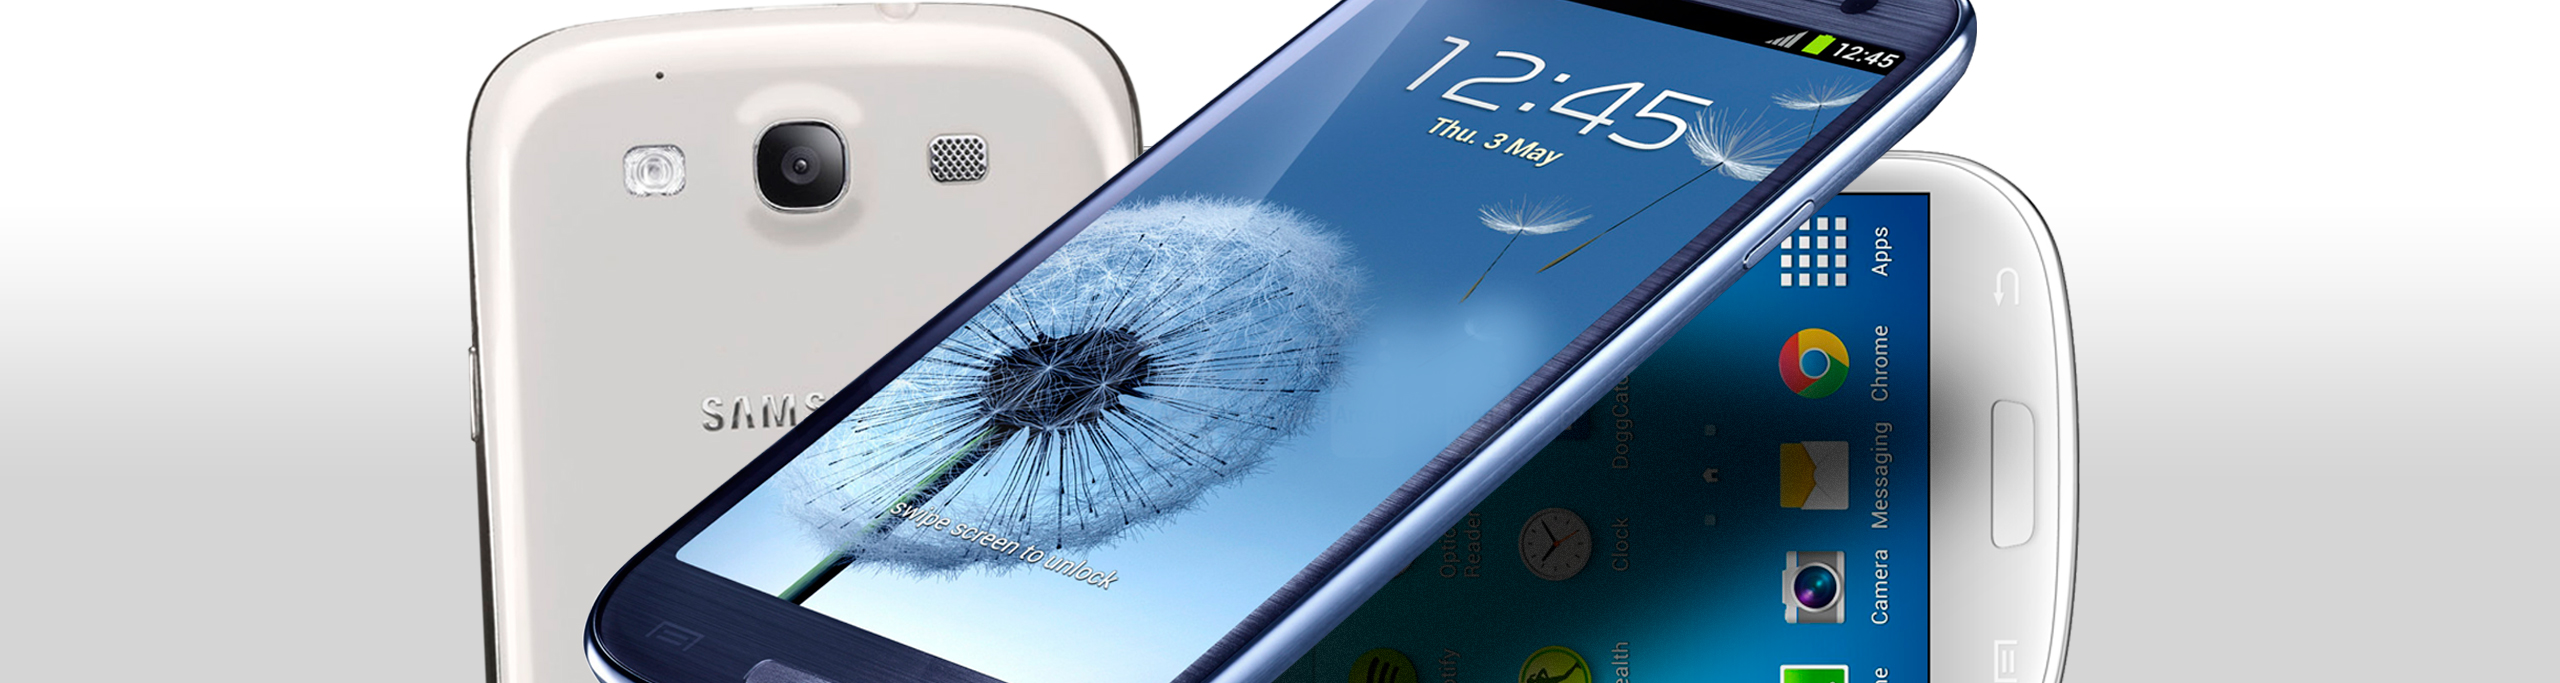 S3 4G (i9305)